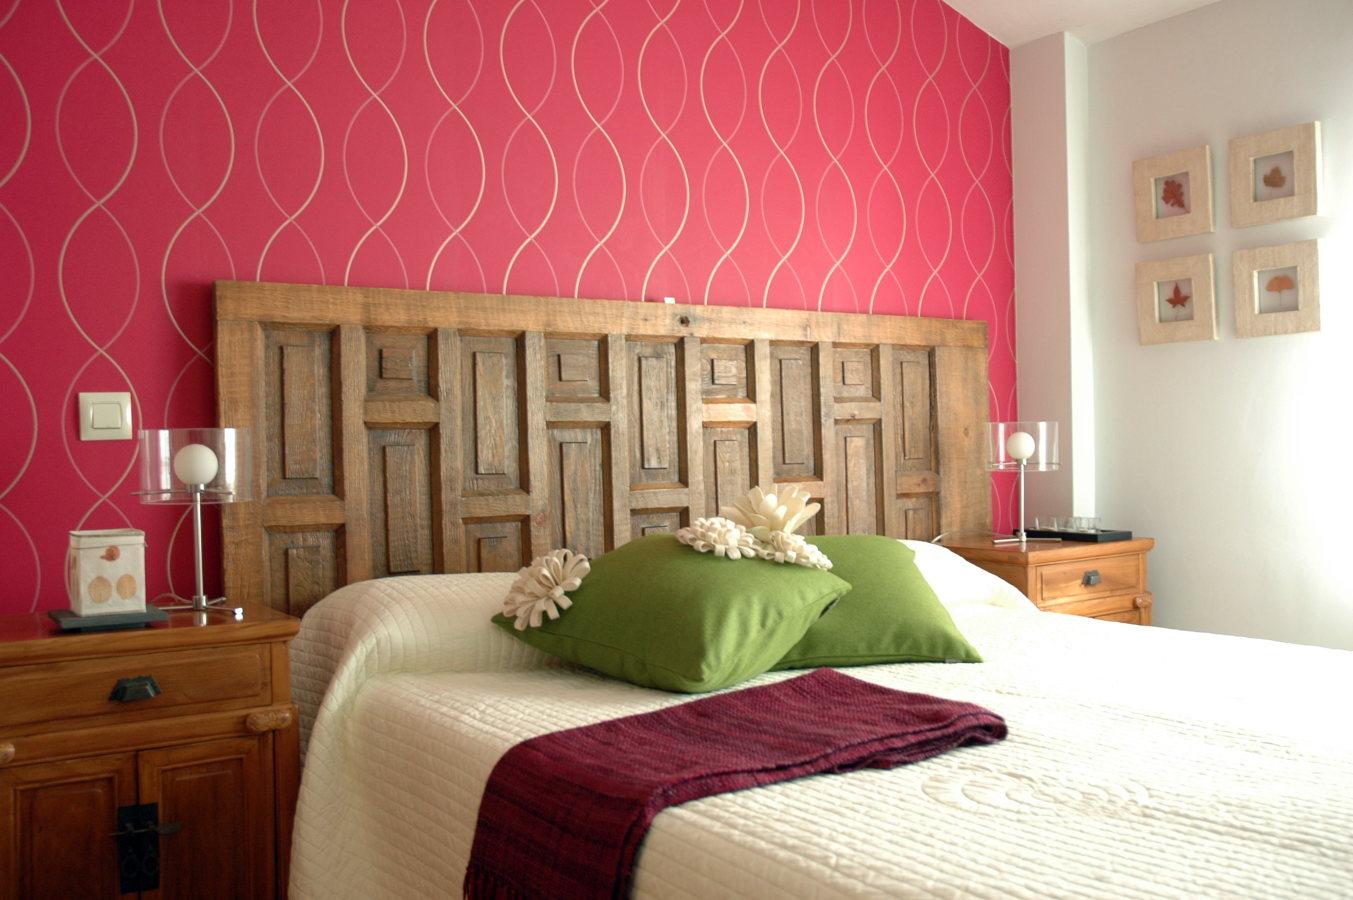 Dormitorio decorado con puerta recuperada como cabecero..